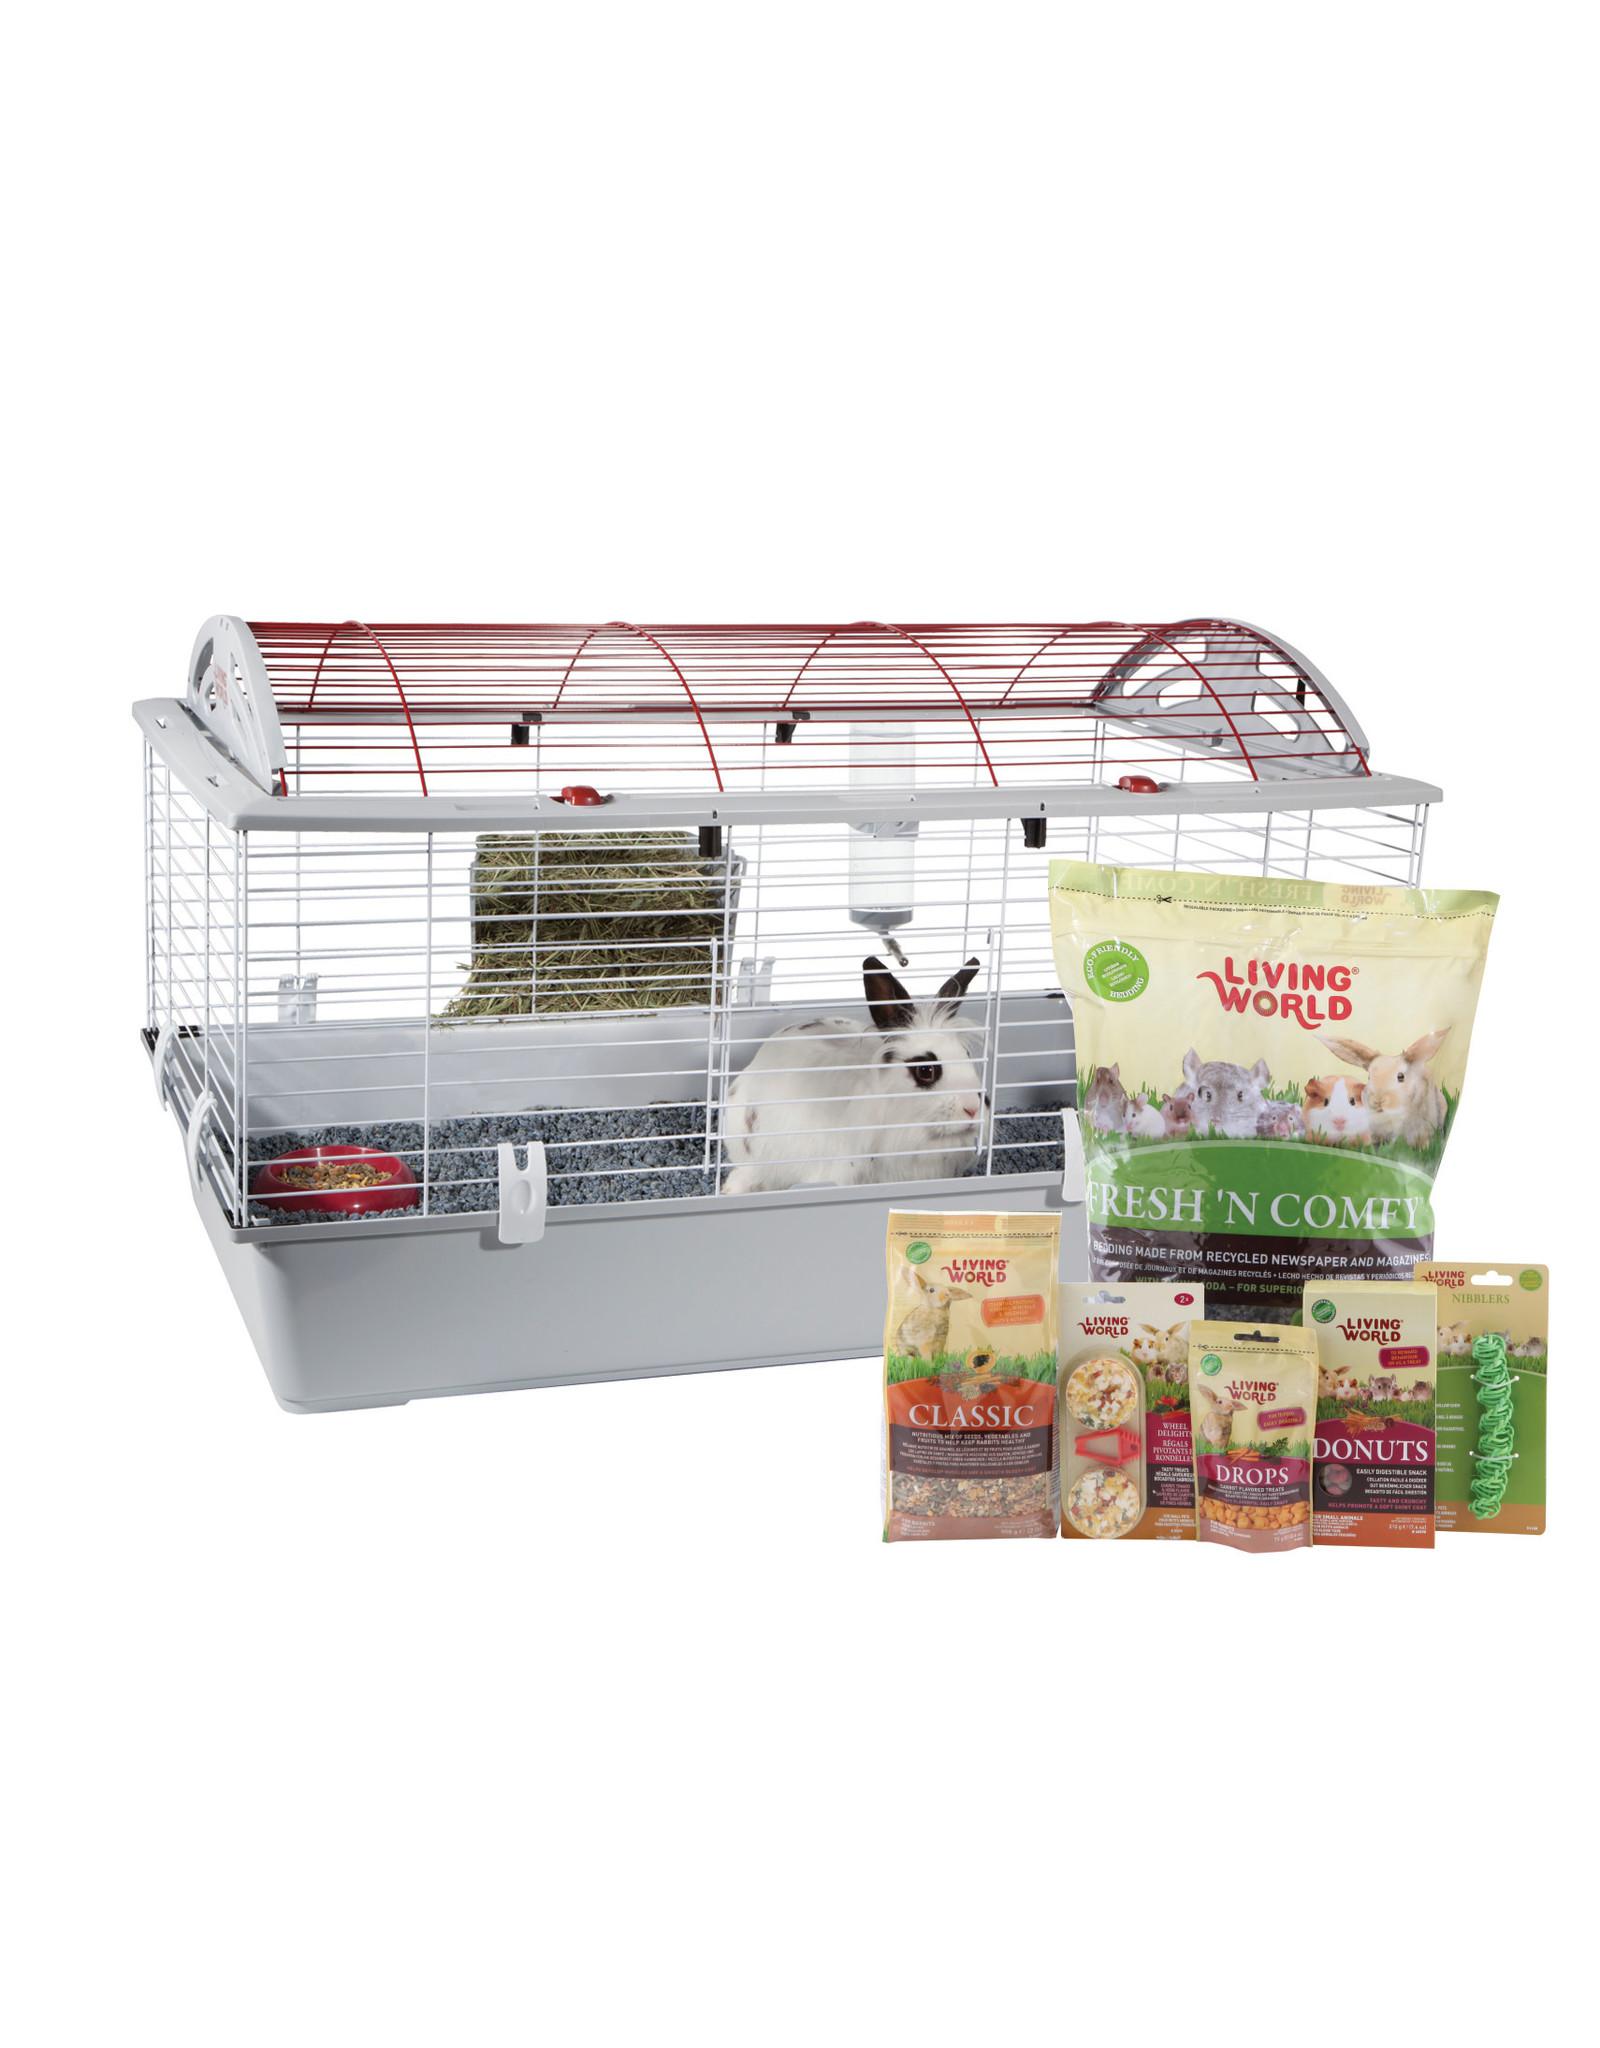 LW - Living World Living World Deluxe Rabbit Starter Kit - Large - 96 cm L X 57 cm W X 56 cm H (37.8in X 22.4in X 22in)